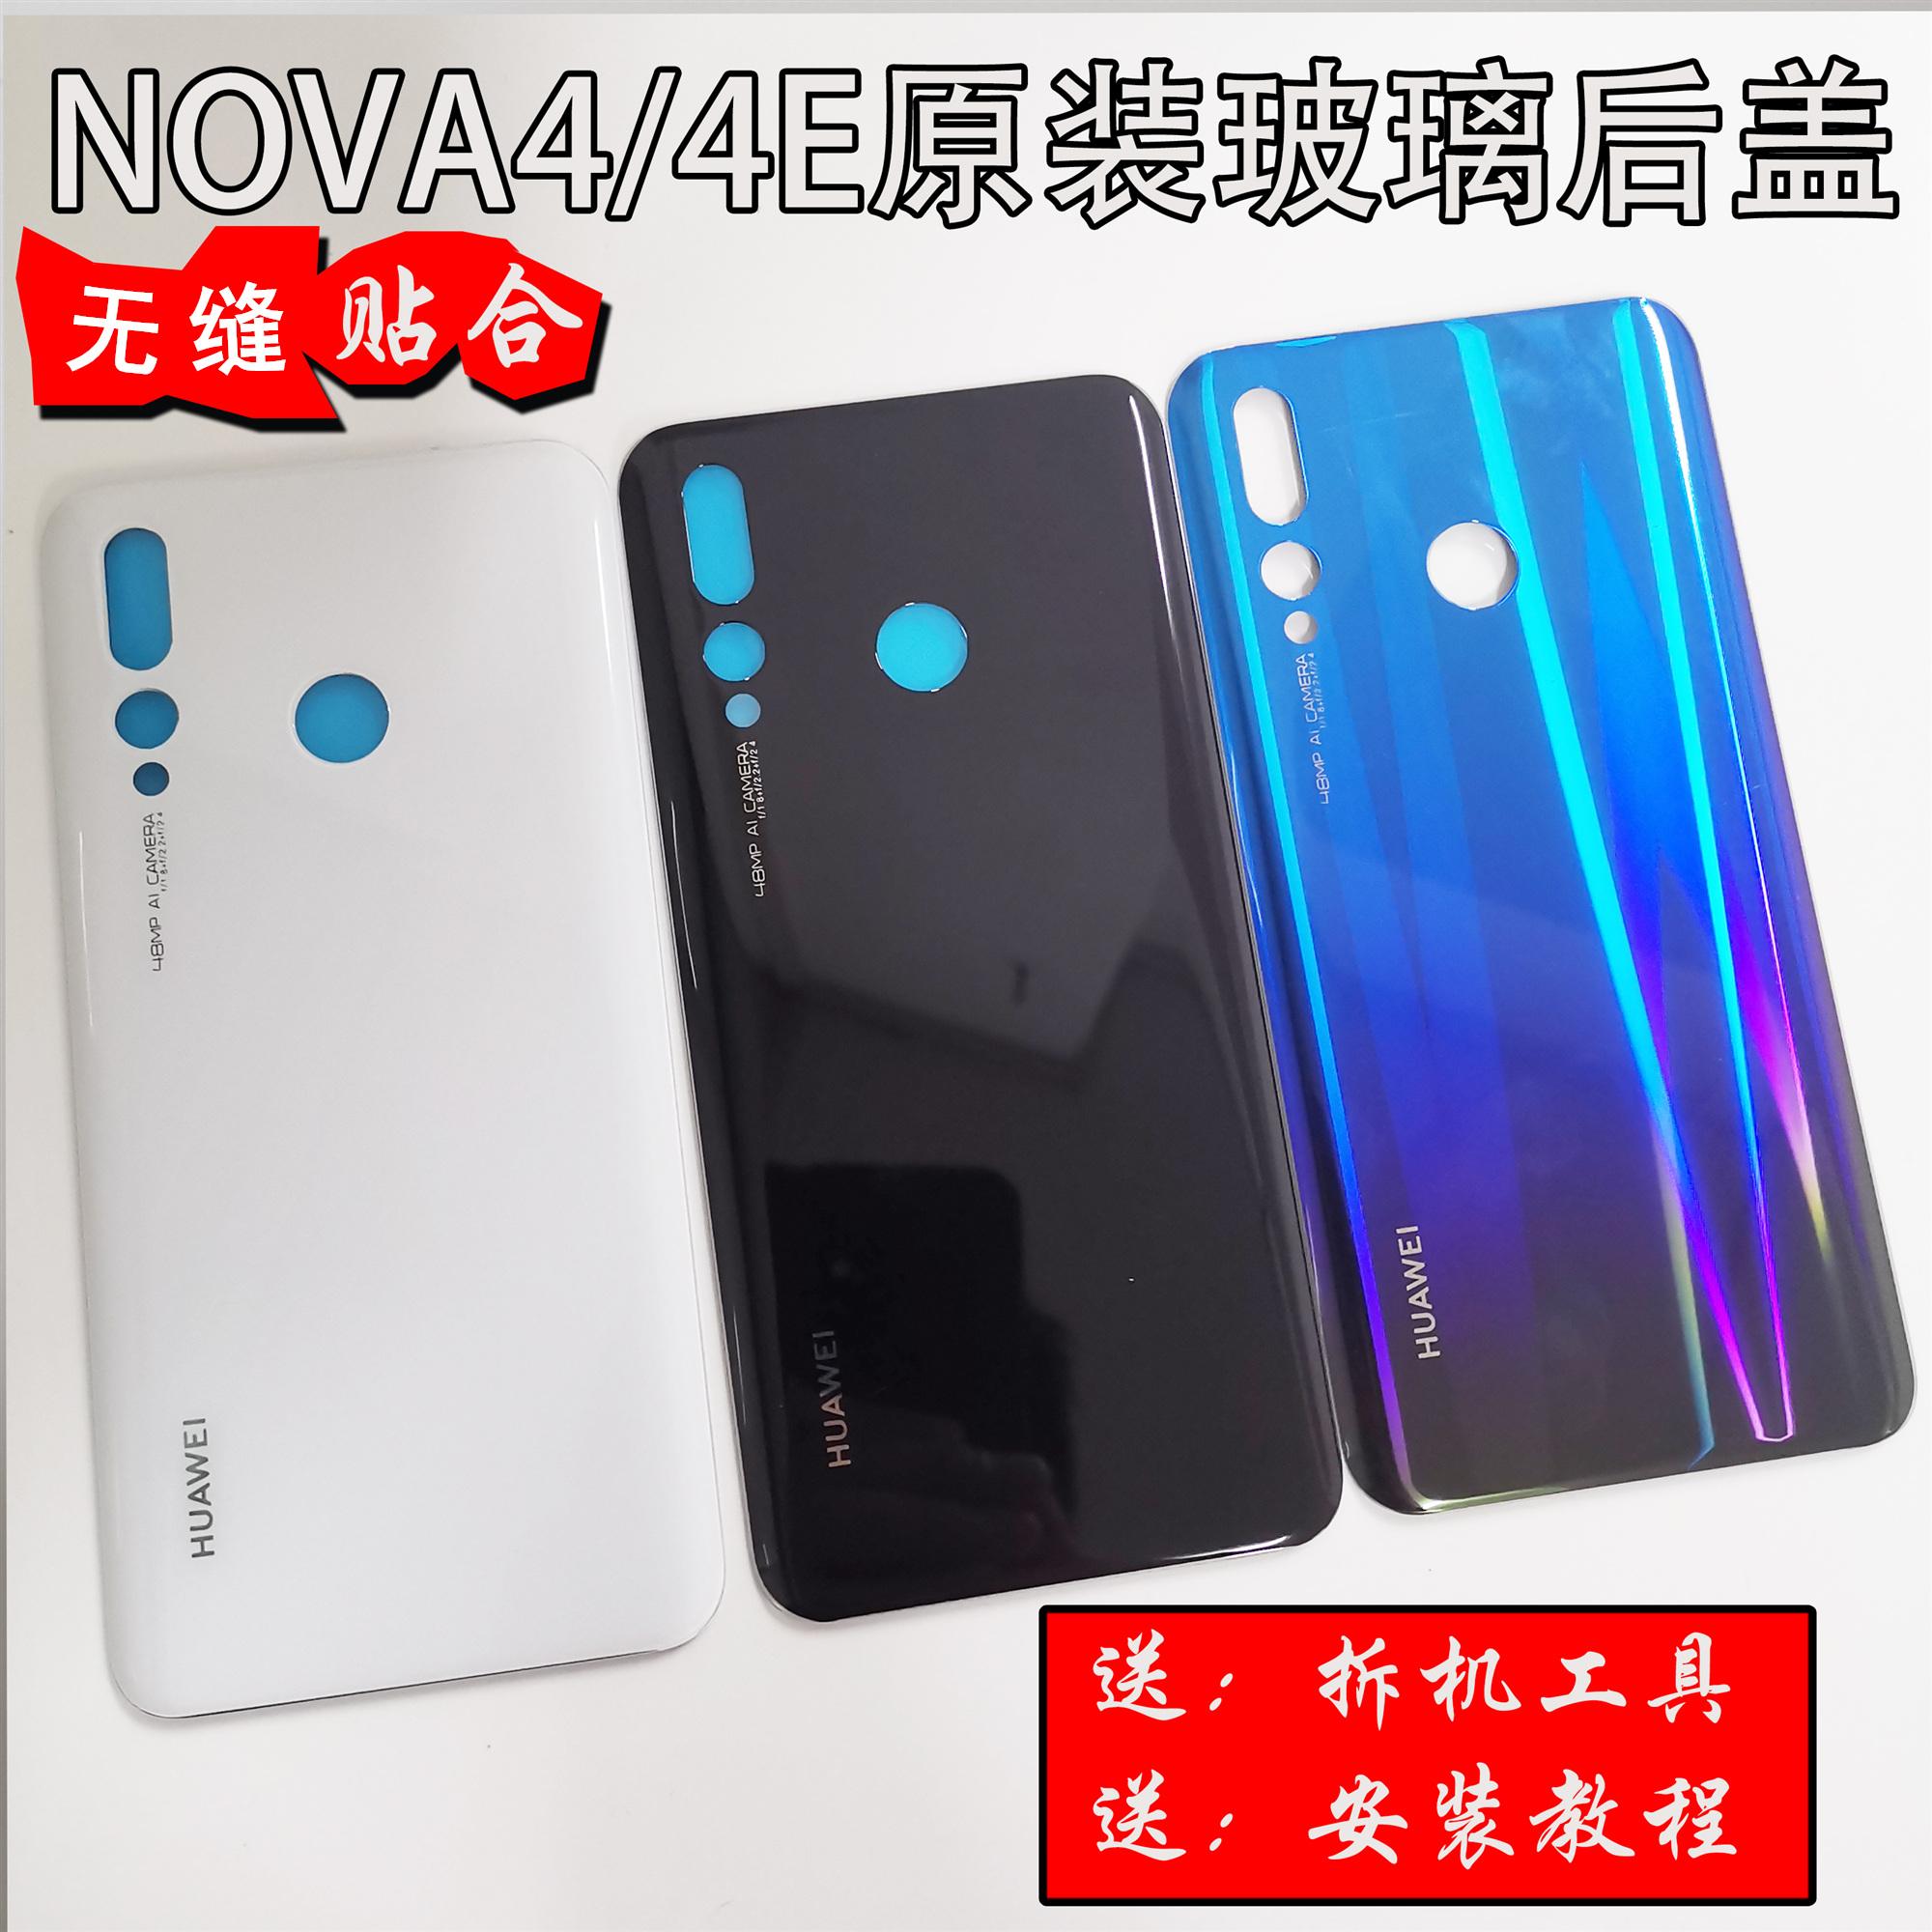 华为nova4原装后盖nova4e玻璃后壳替换nova4电池后盖后屏维修替换图片